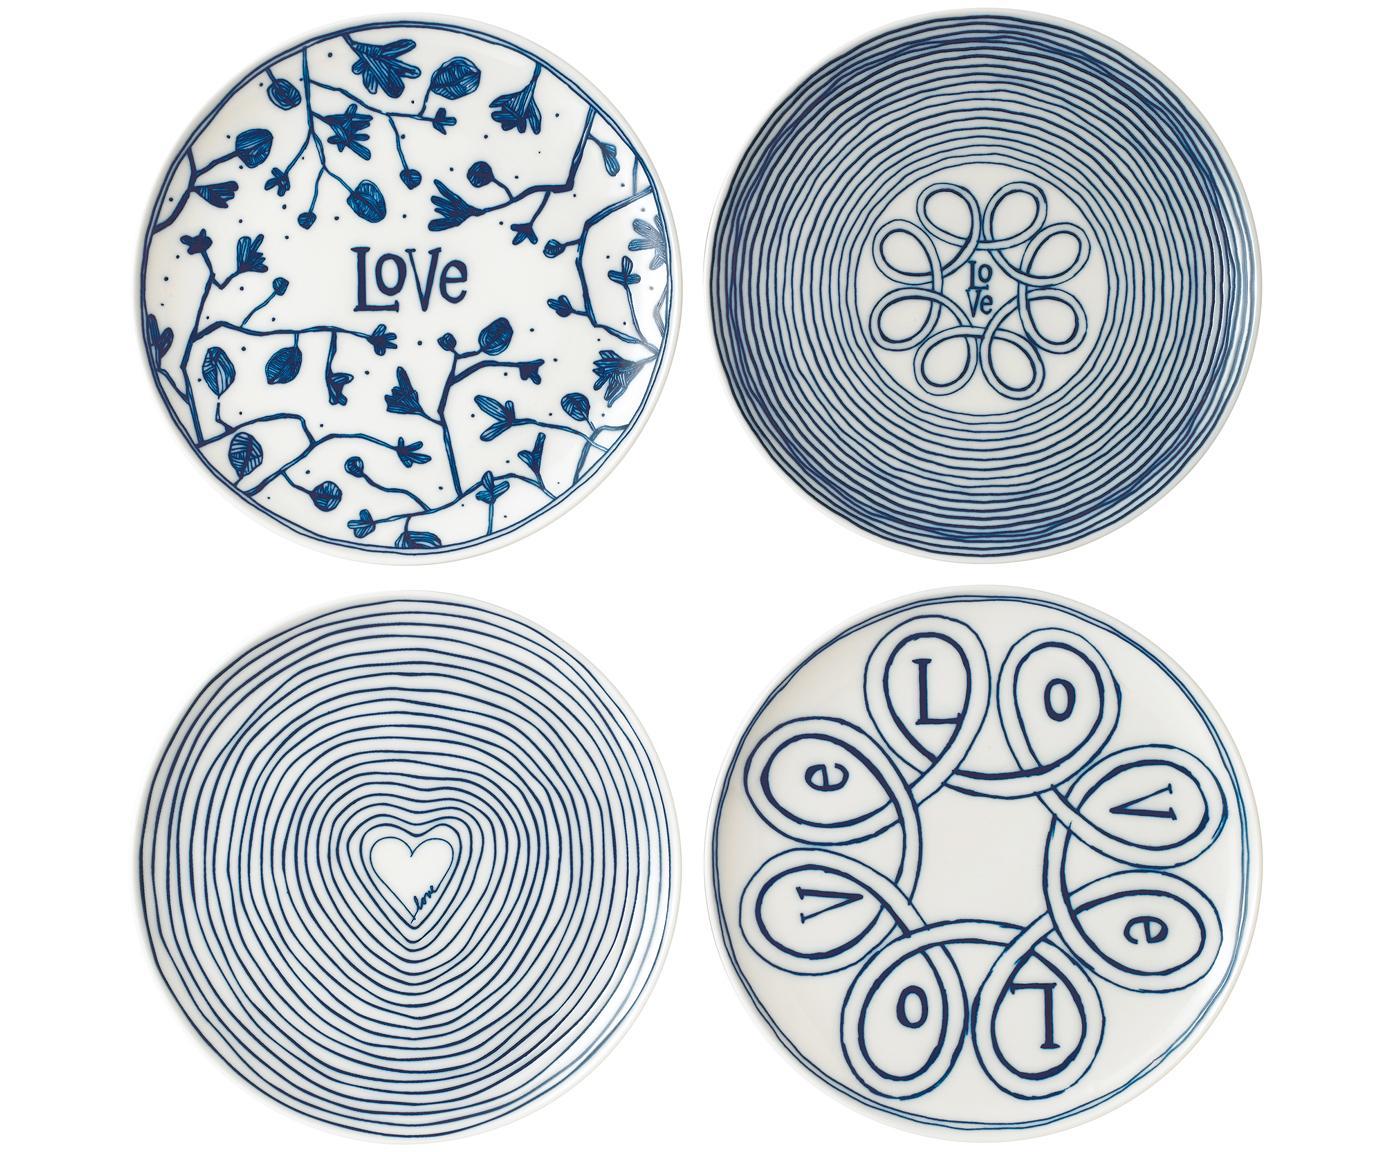 Set de platos postre Love, 4pzas., Porcelana, Marfil, azul cobalto, Ø 21 cm